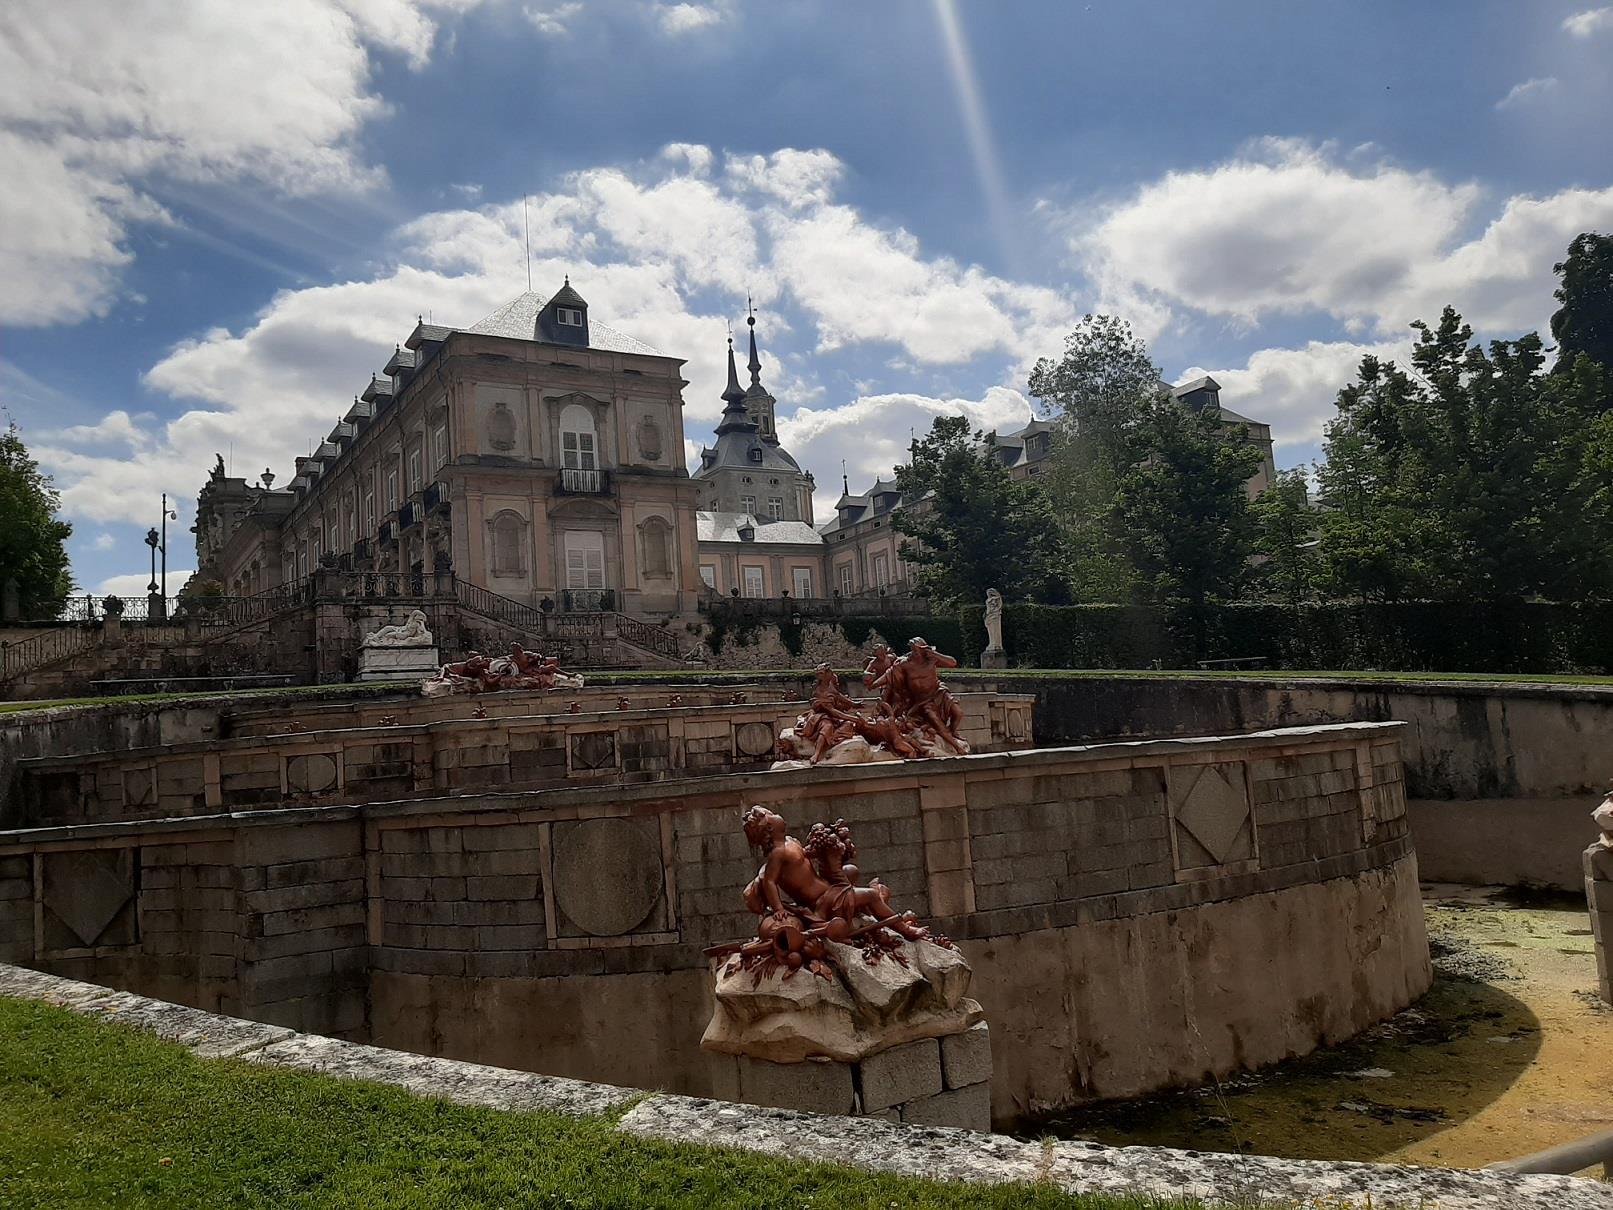 Royal-Palace:-La-Granja-and-Riofrio-Guided-Visit-4